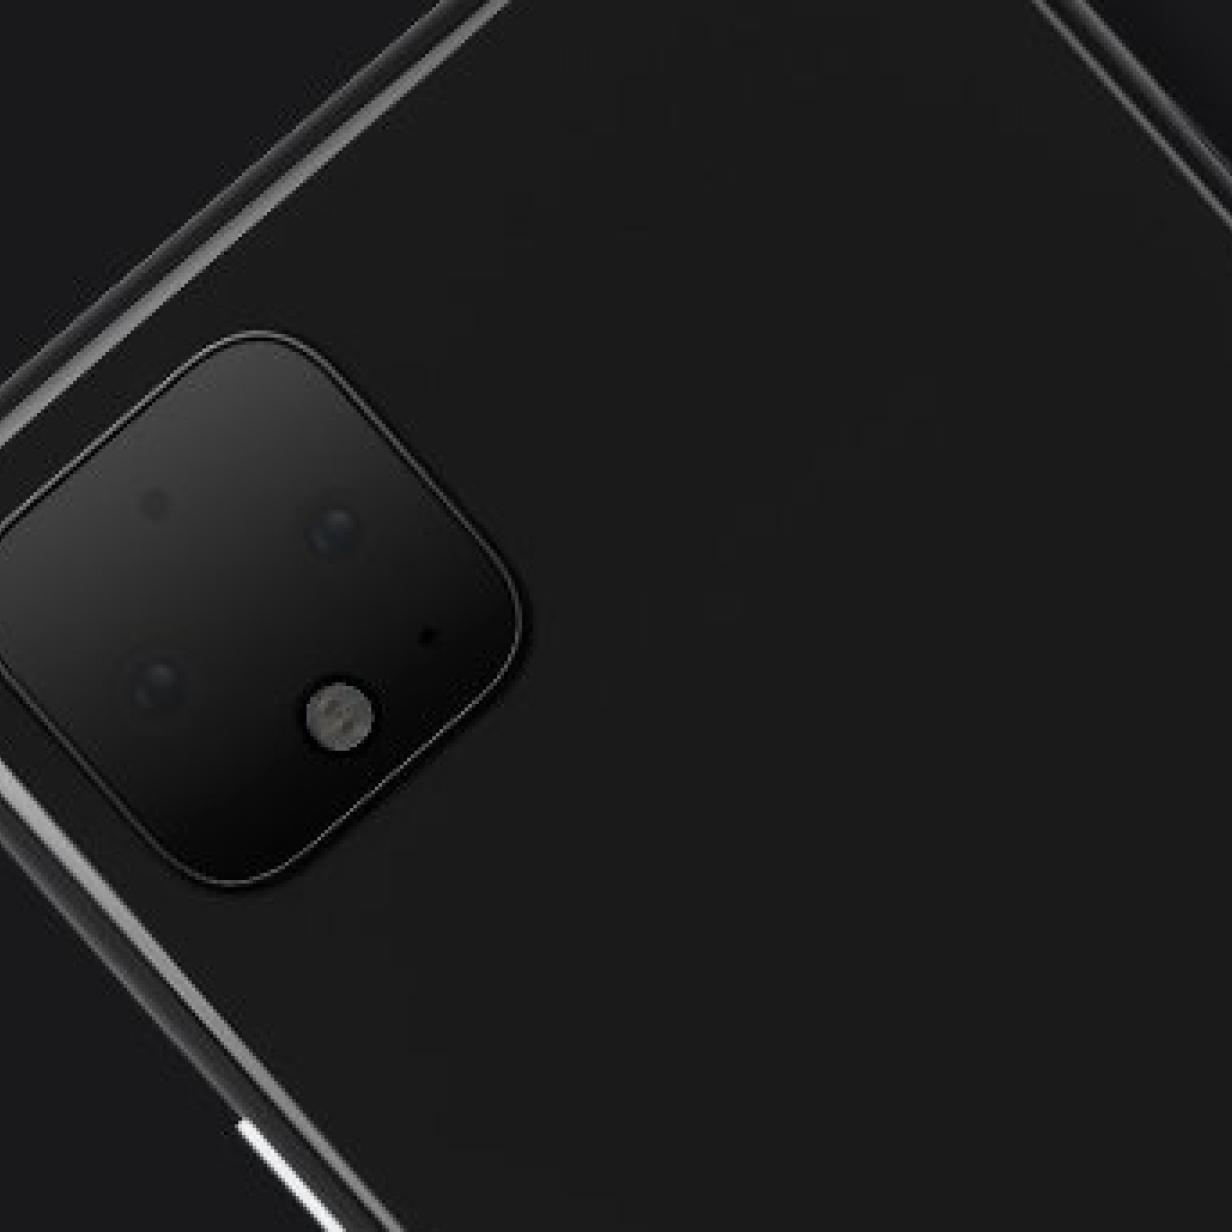 App verrät, warum das Google Pixel 4 zwei Linsen hat